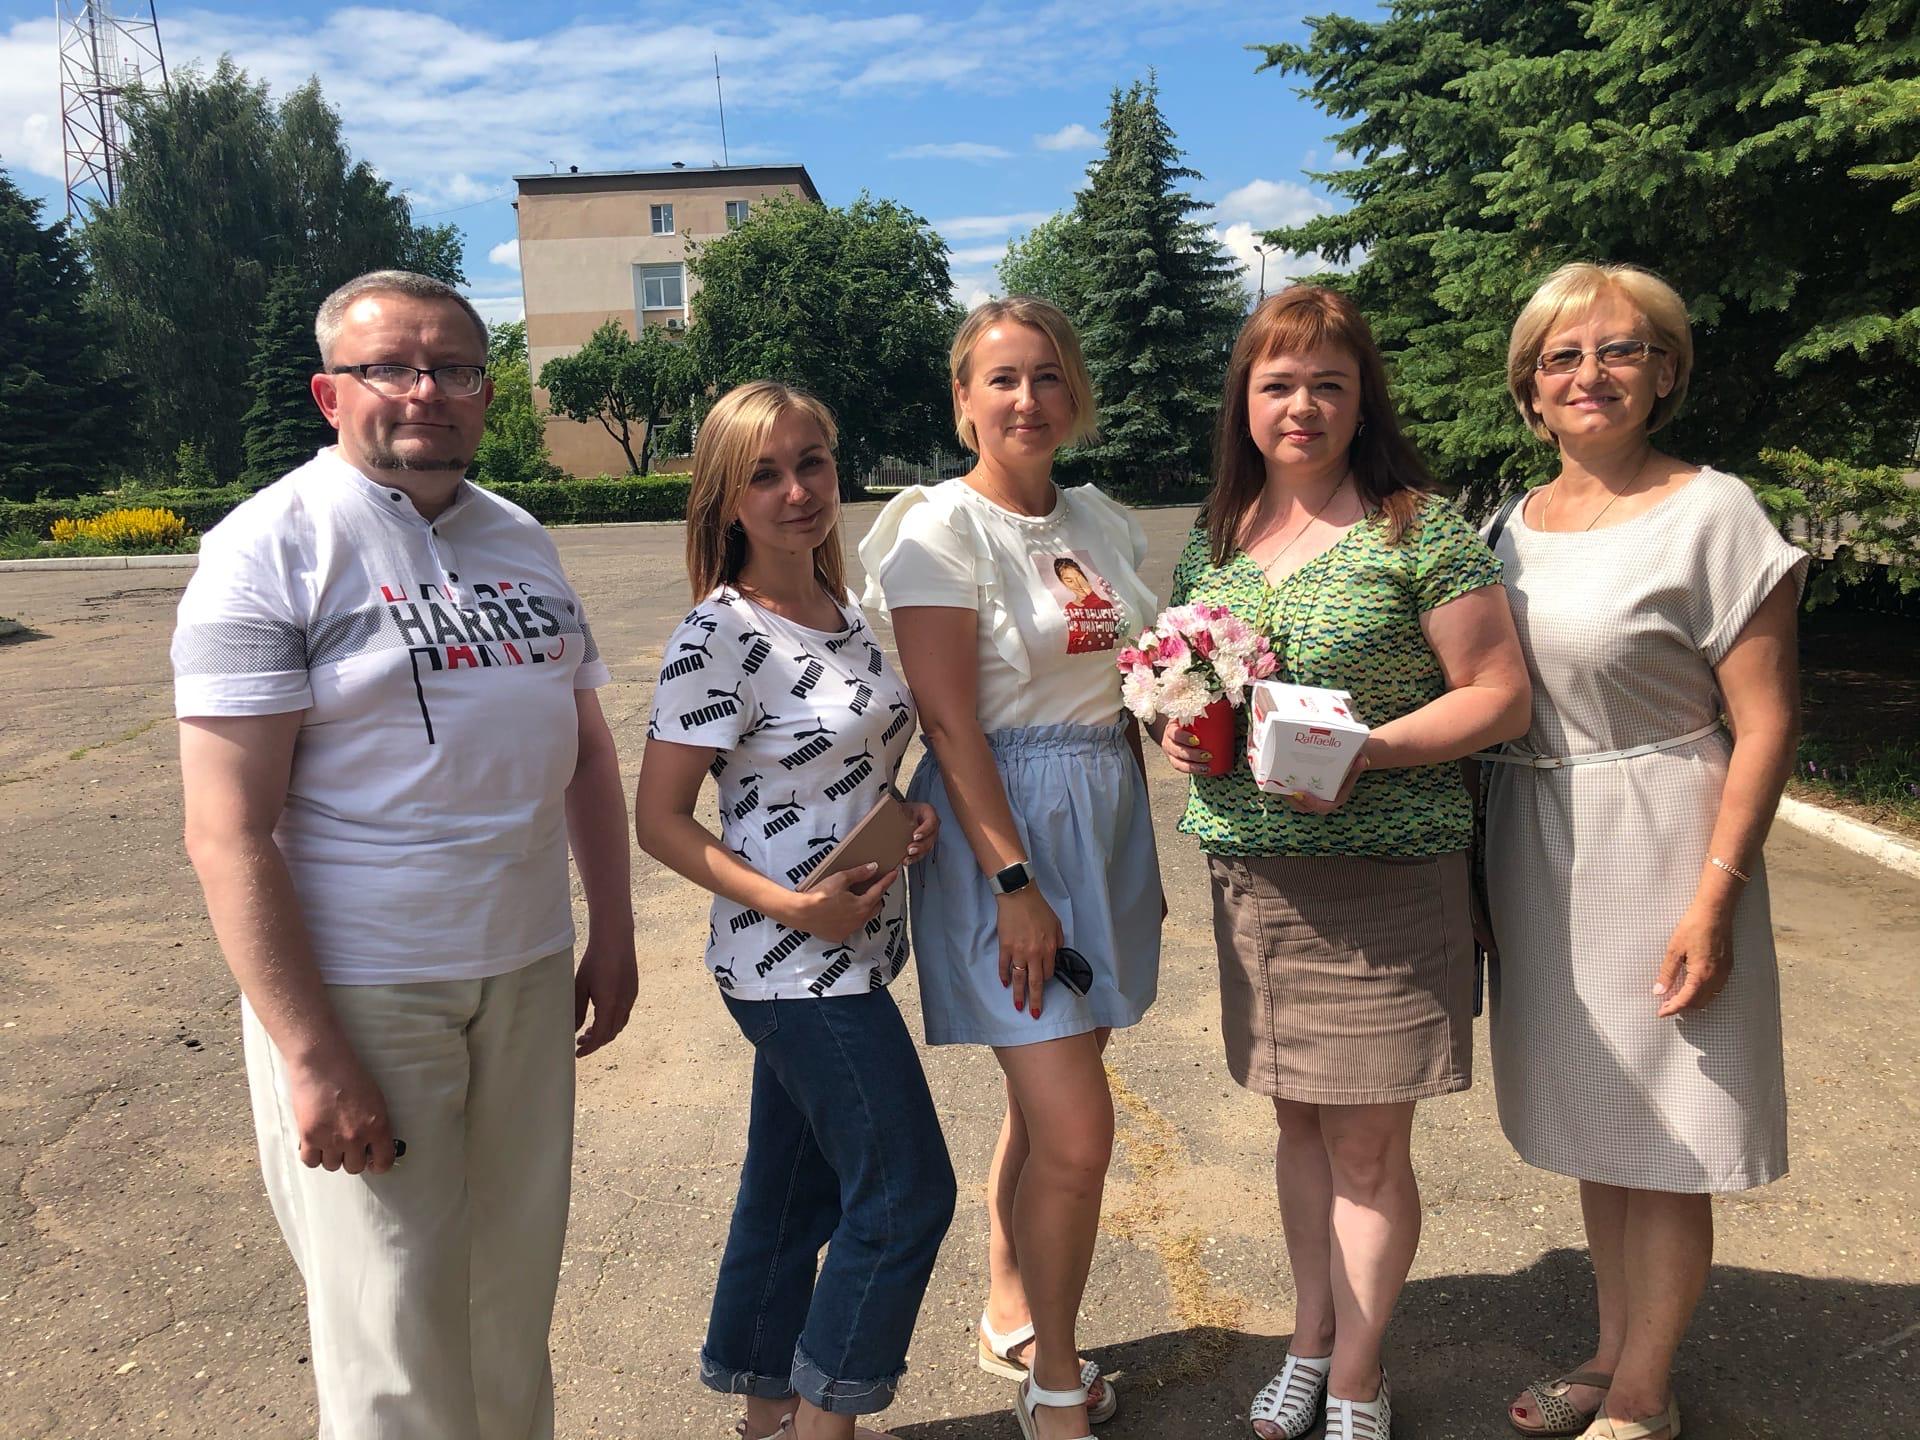 В Ярославской области семьи делятся своими историями любви